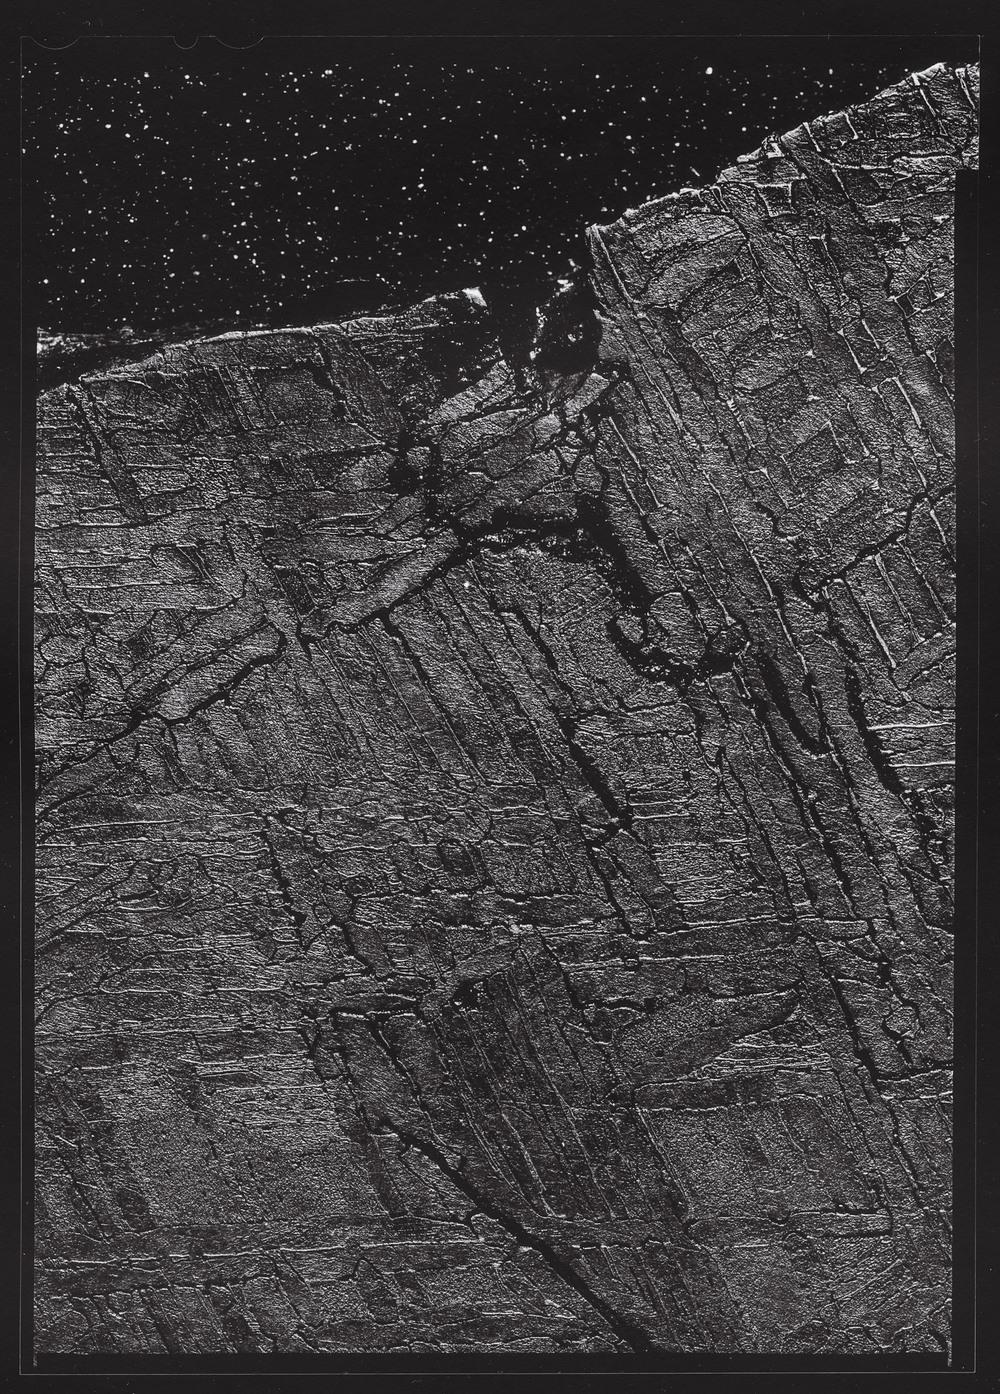 Casey Moore Meteorite Prints-002.jpg